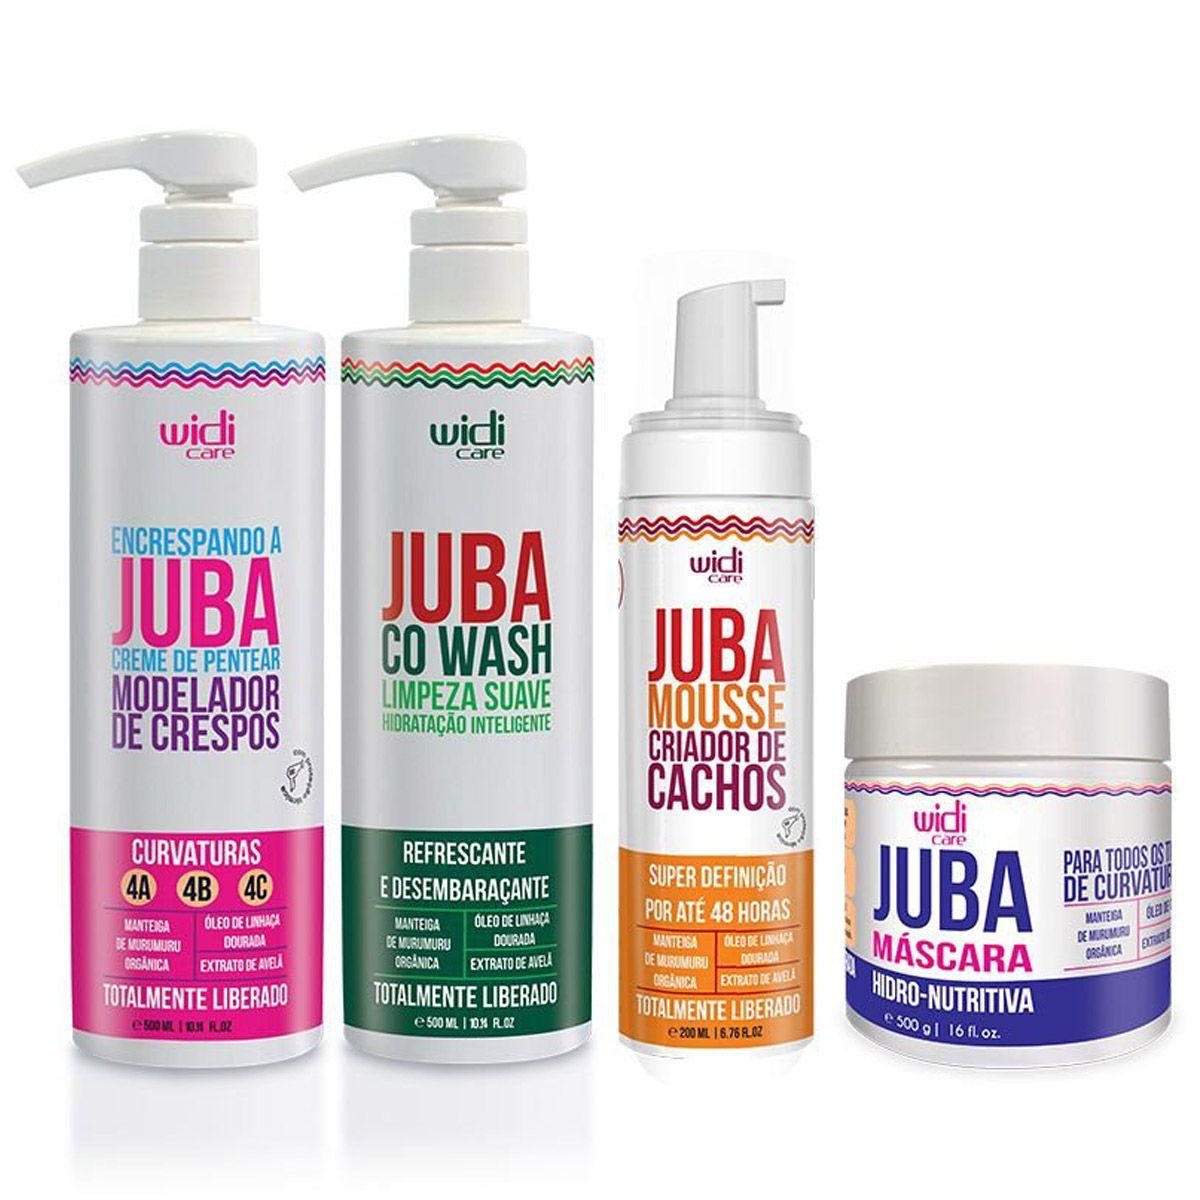 Widi Care - Juba Kit Encrespando